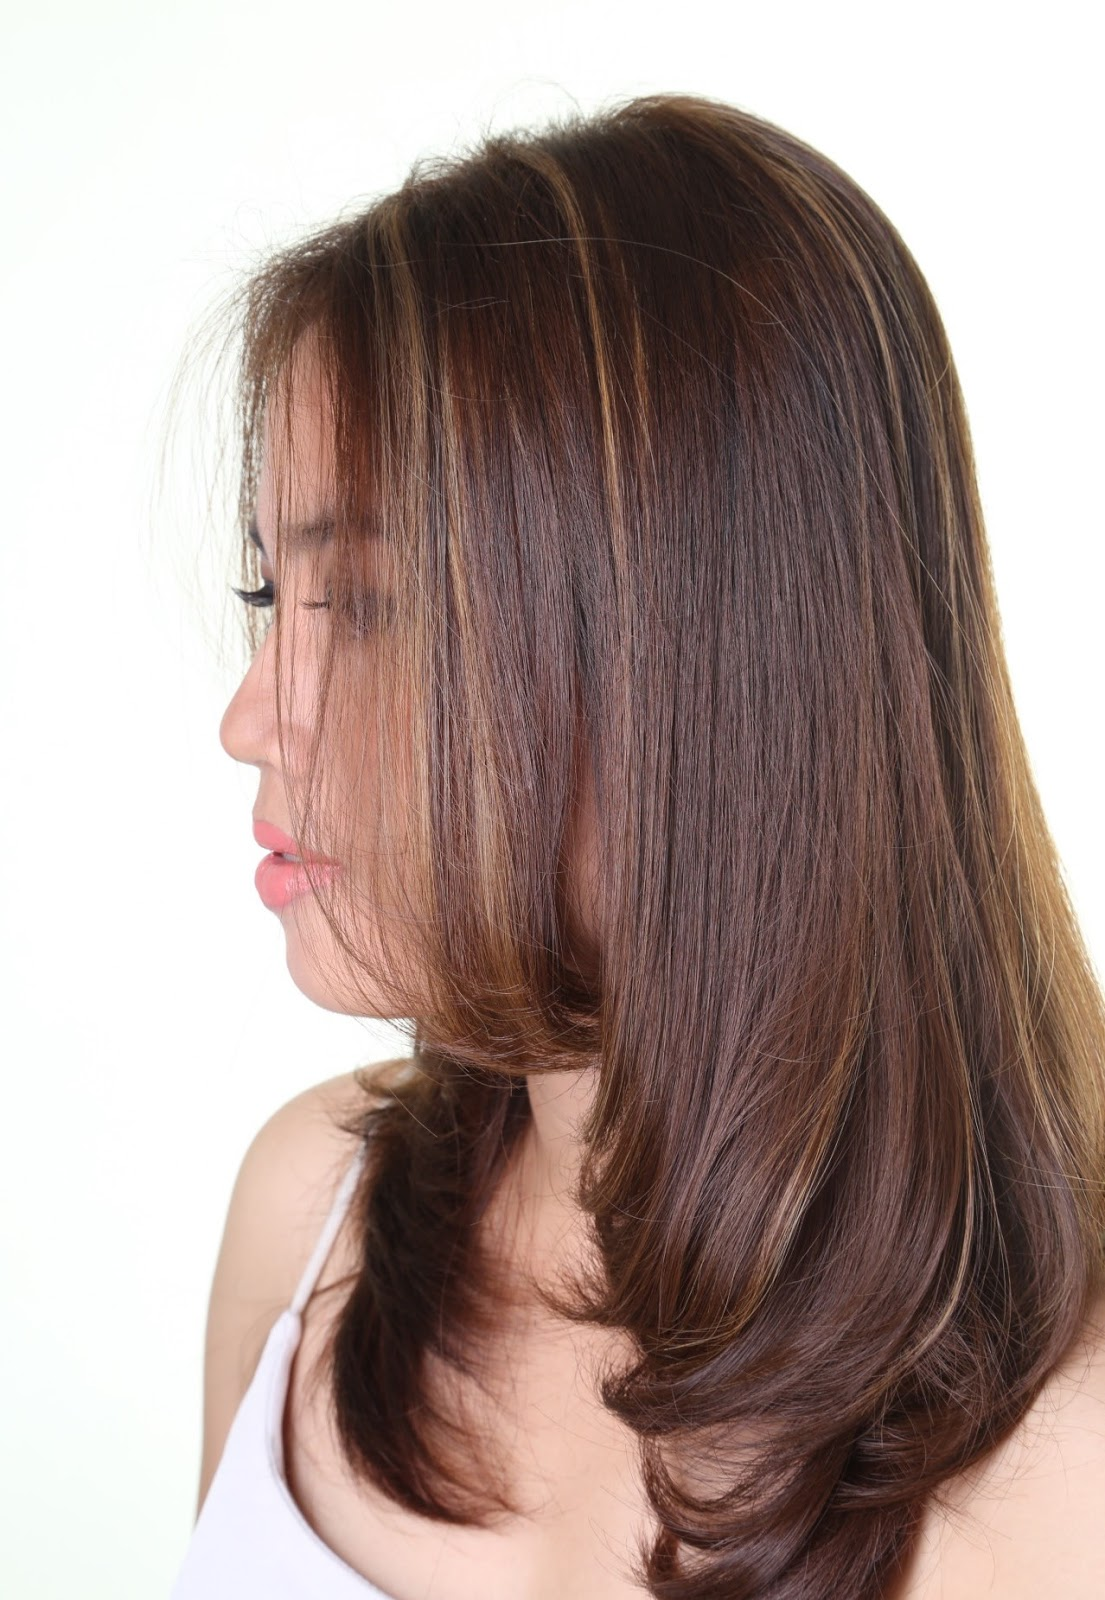 New Hair Alert Rizka Amalia Windriani